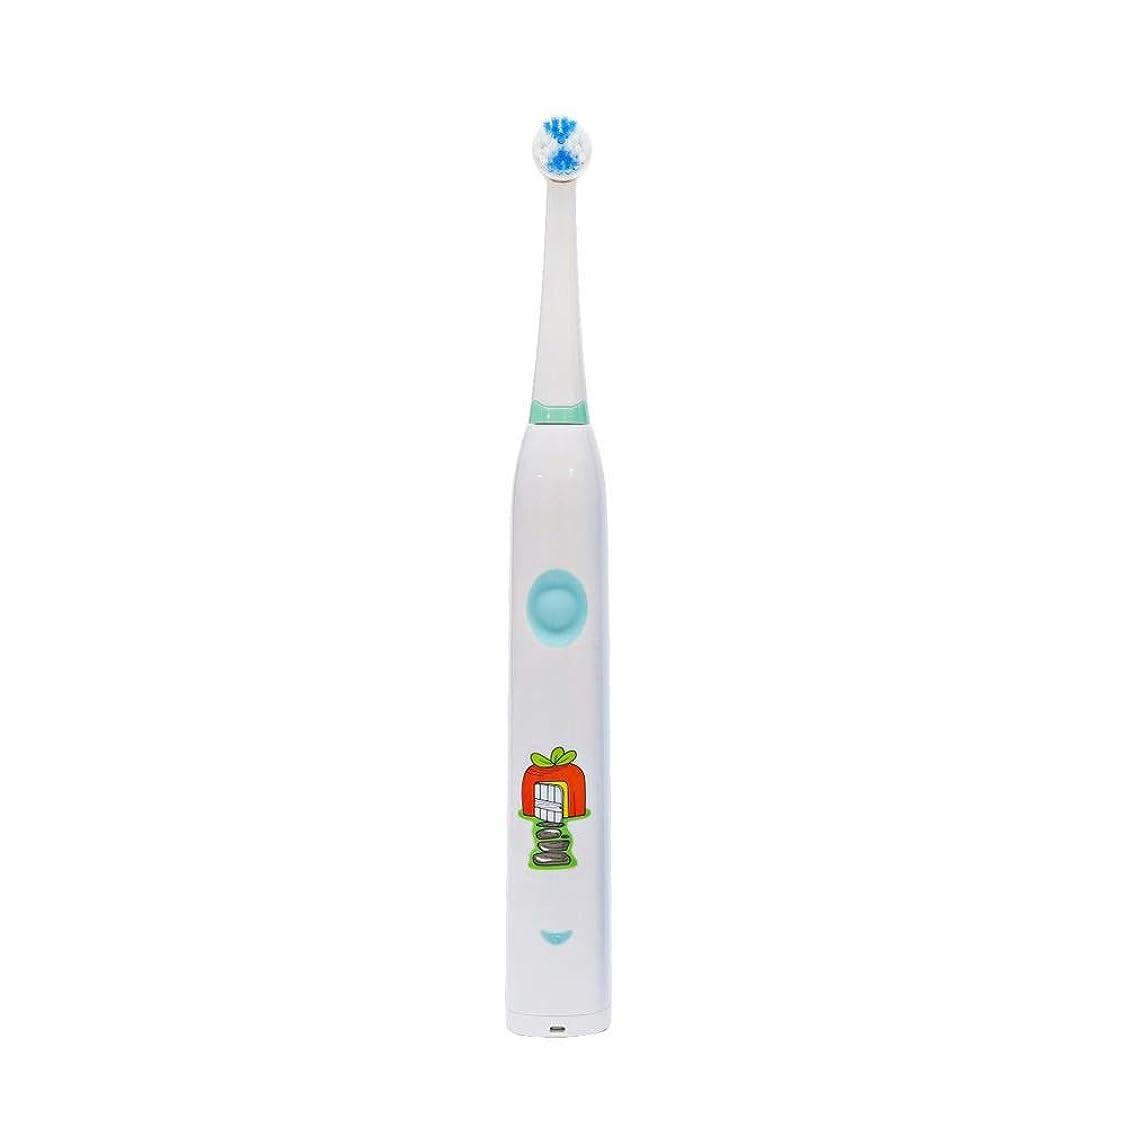 注文セミナー曲がった電動歯ブラシ 子供の電動歯ブラシかわいいUSB充電式歯ブラシ、毎日の使用 大人と子供向け (色 : 白, サイズ : Free size)